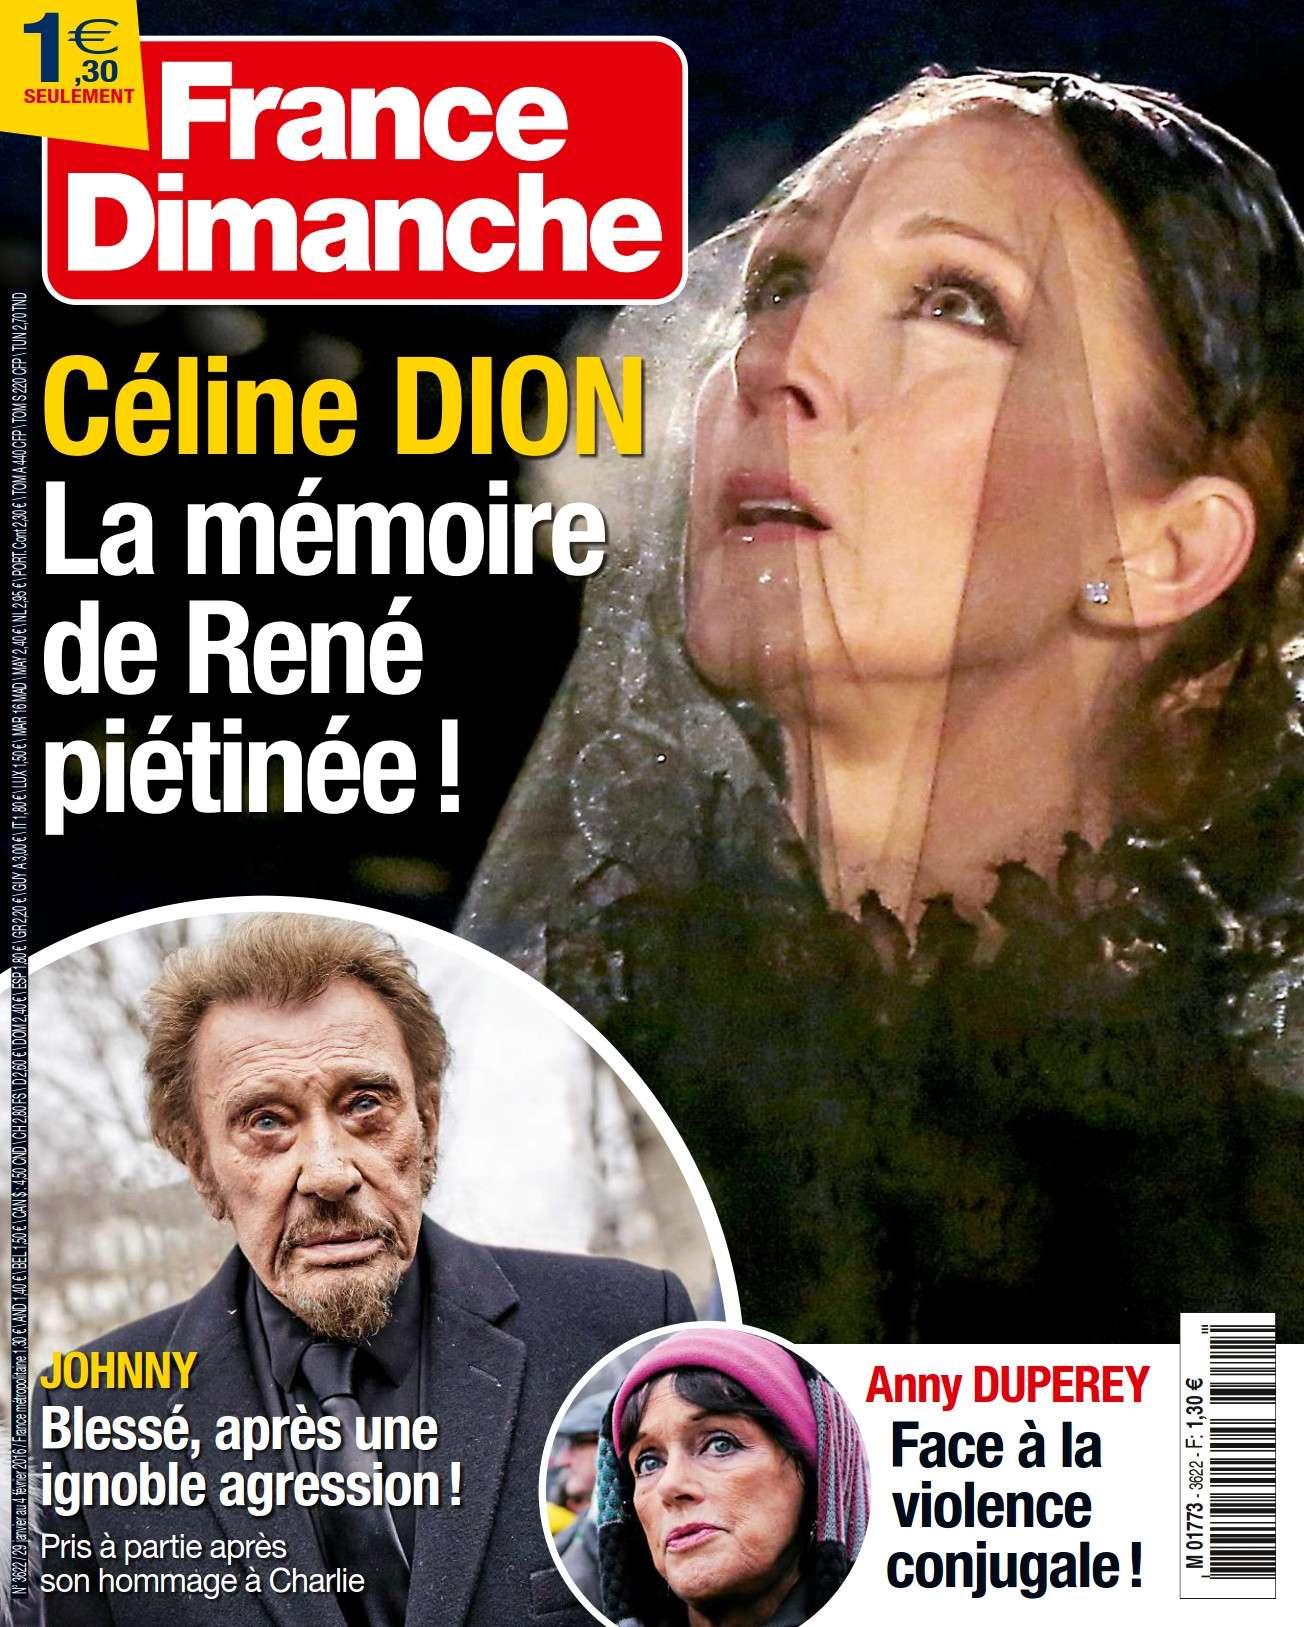 France Dimanche 3622 - 29 Janvier au 4 Février 2016